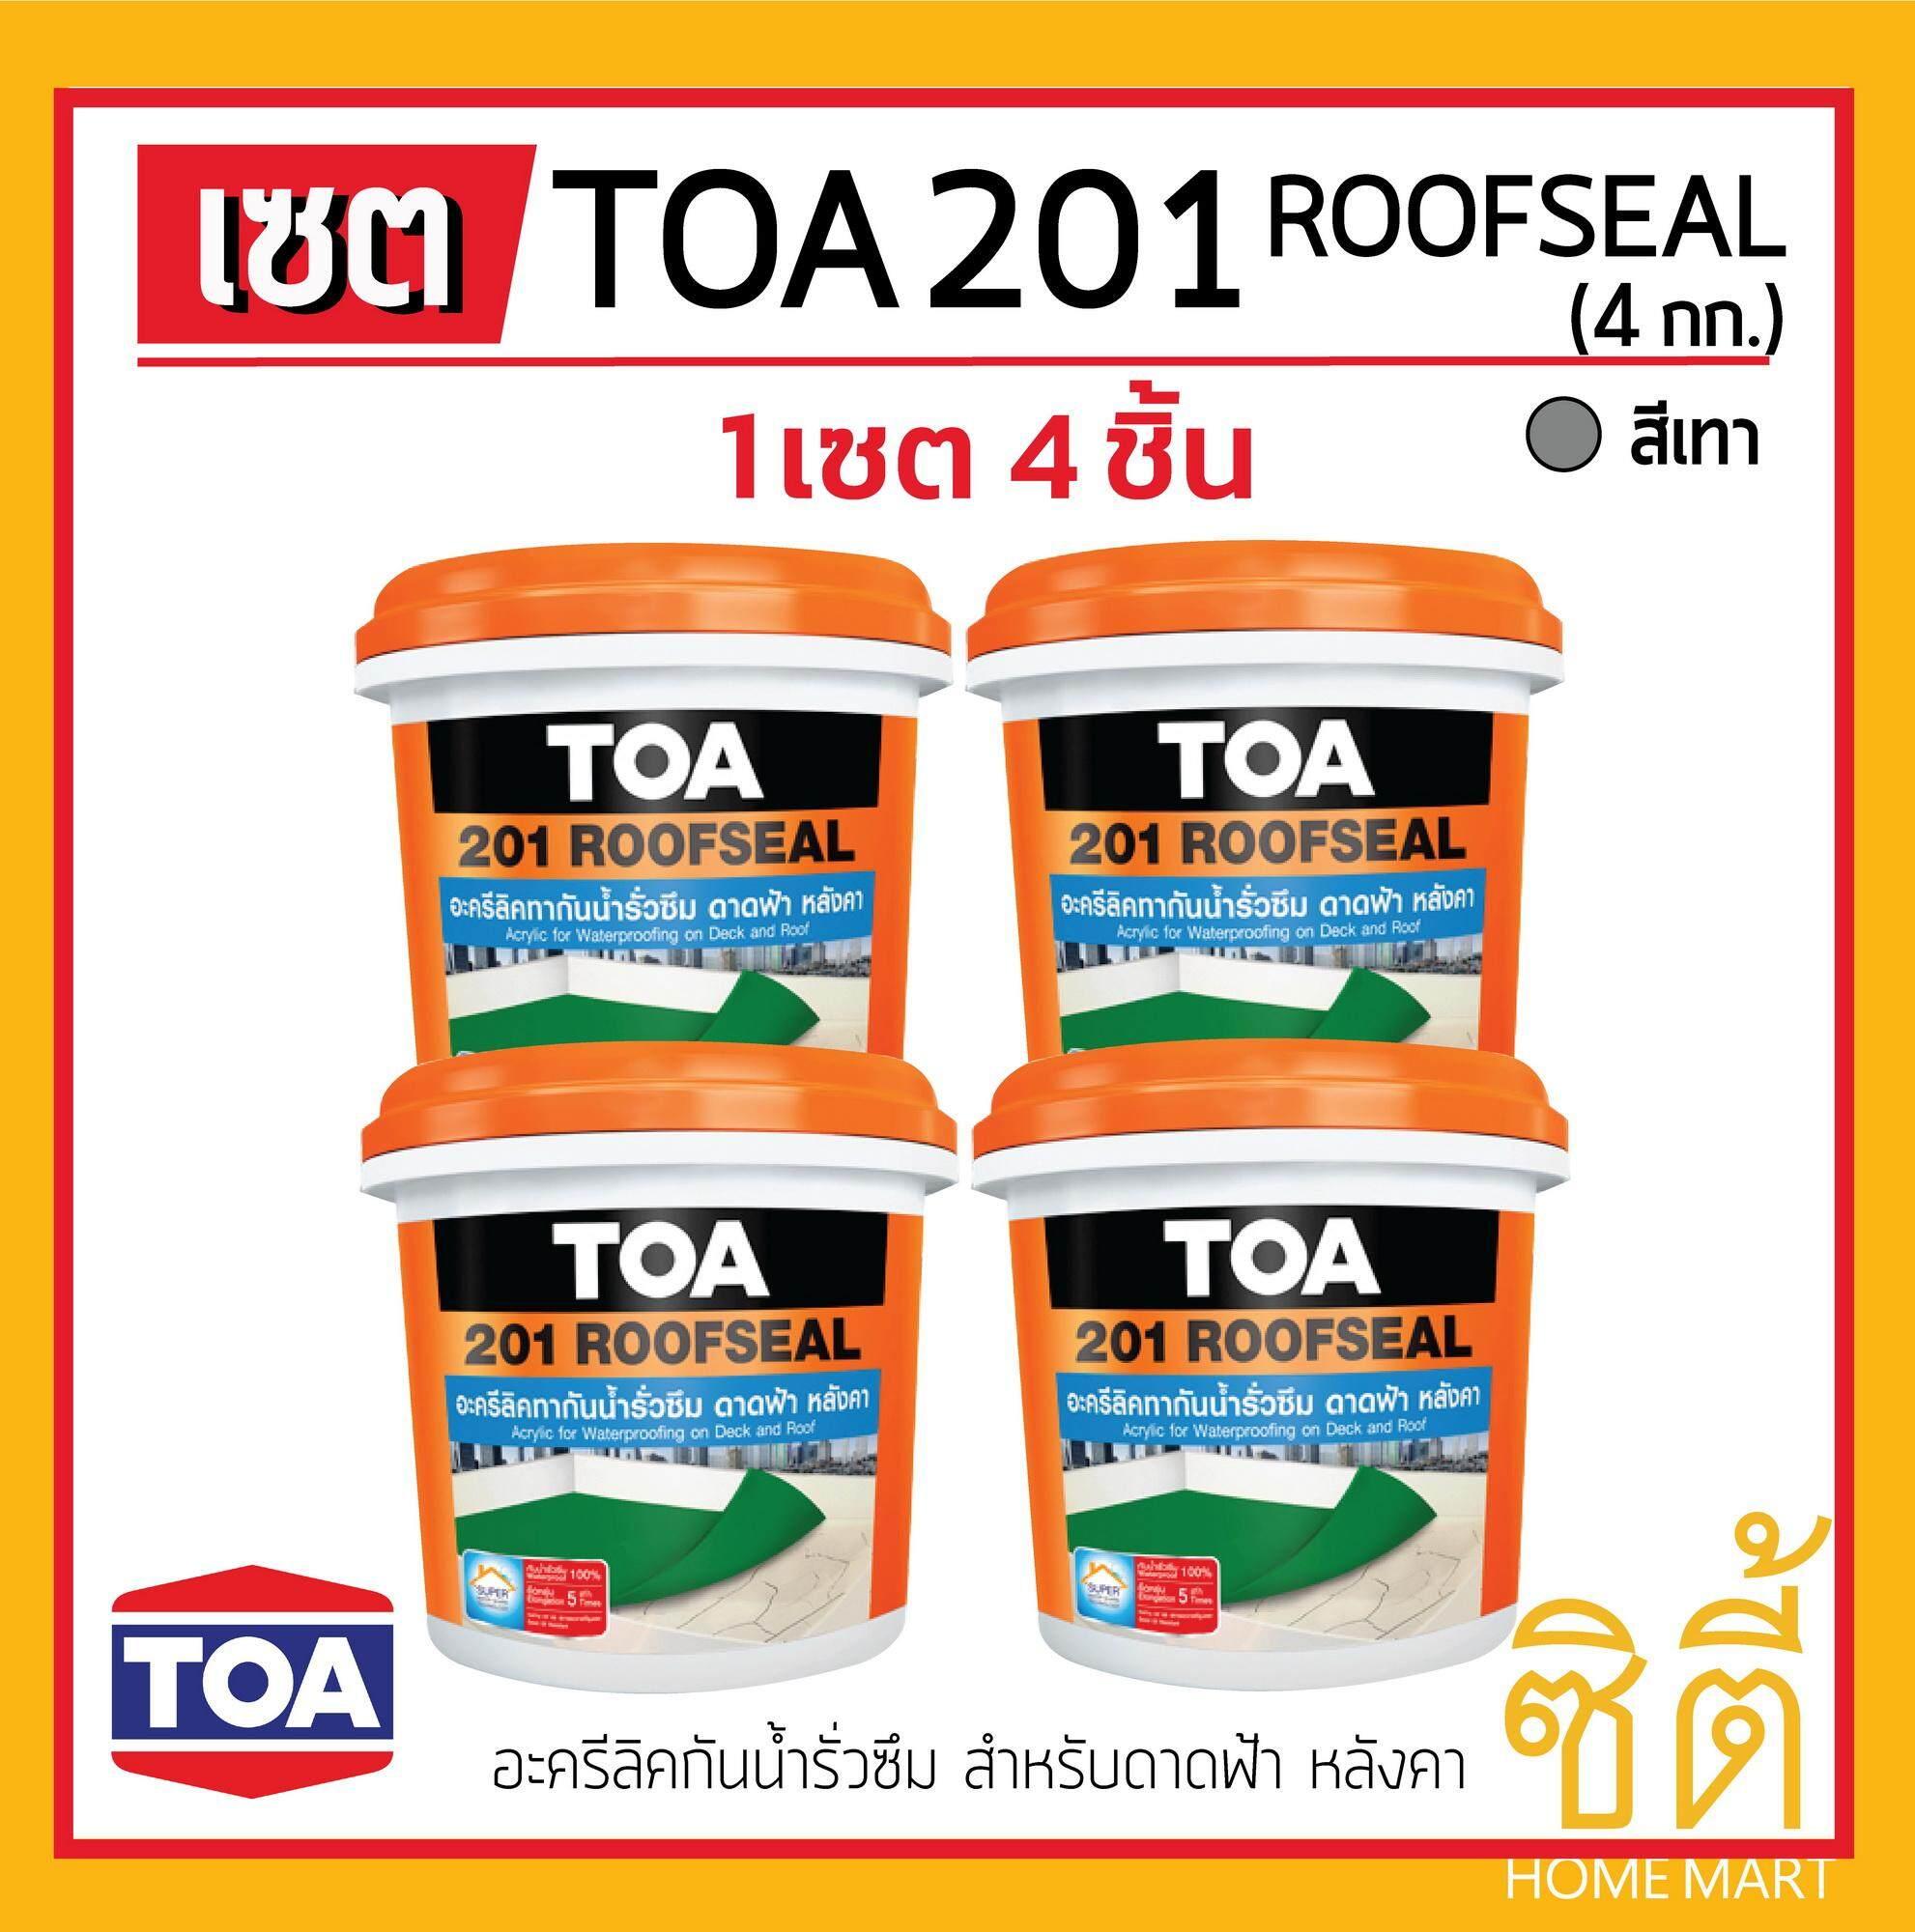 *มีหลายสีให้เลือก* TOA 201 Roofseal อะคริลิก กันซึม ดาดฟ้า หลังคา ทีโอเอ รูฟซีล 201 (4kg x 4ชิ้น)